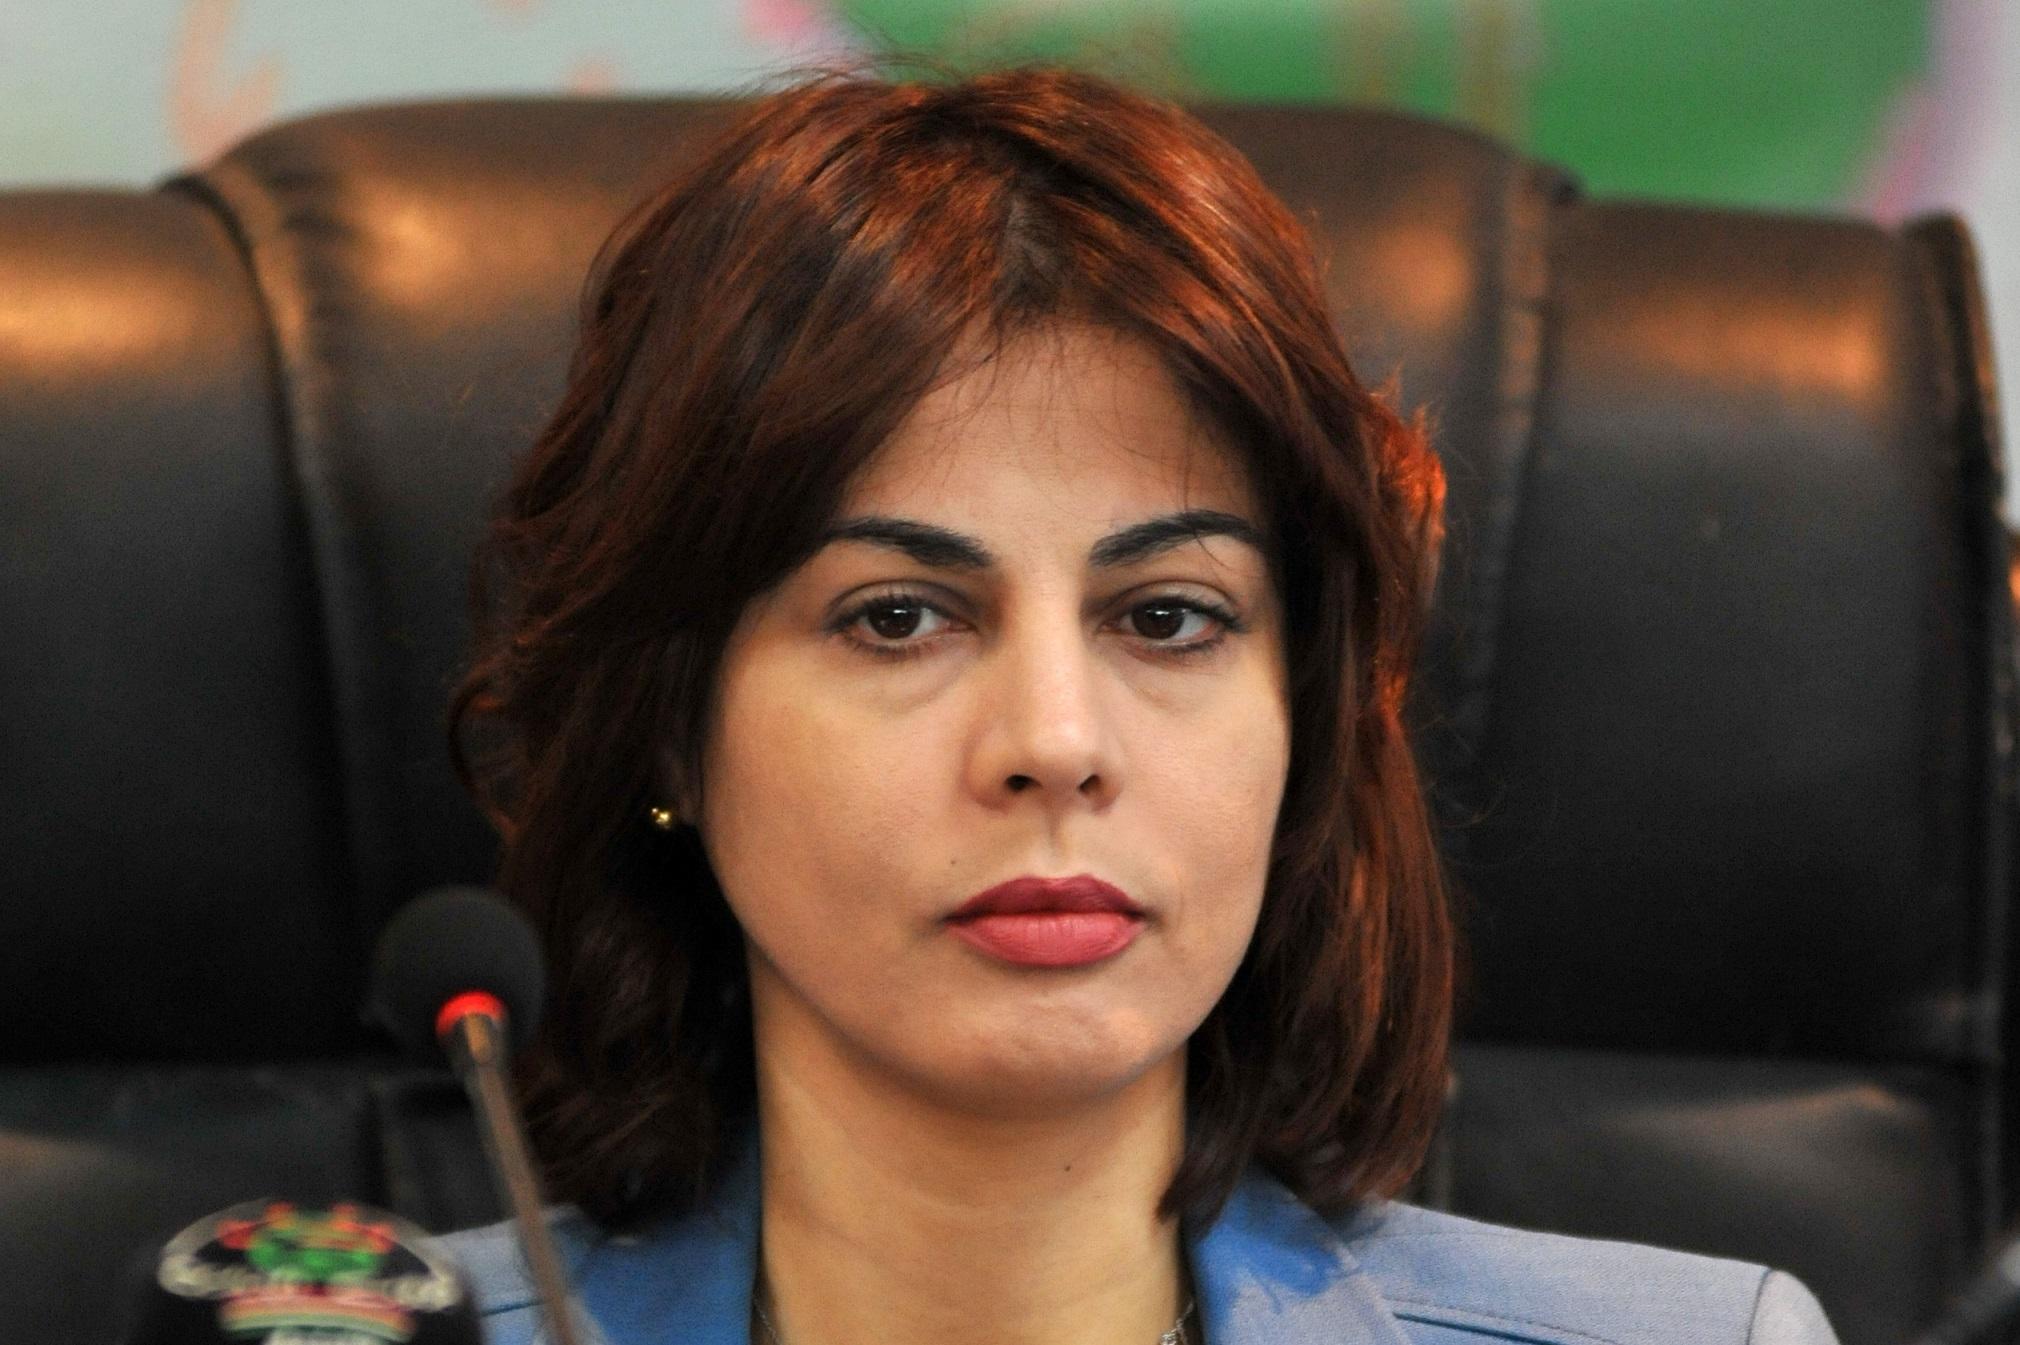 Houda-Imane Feraoun n'a pas été à la hauteur des espoirs placés en elle. New Press